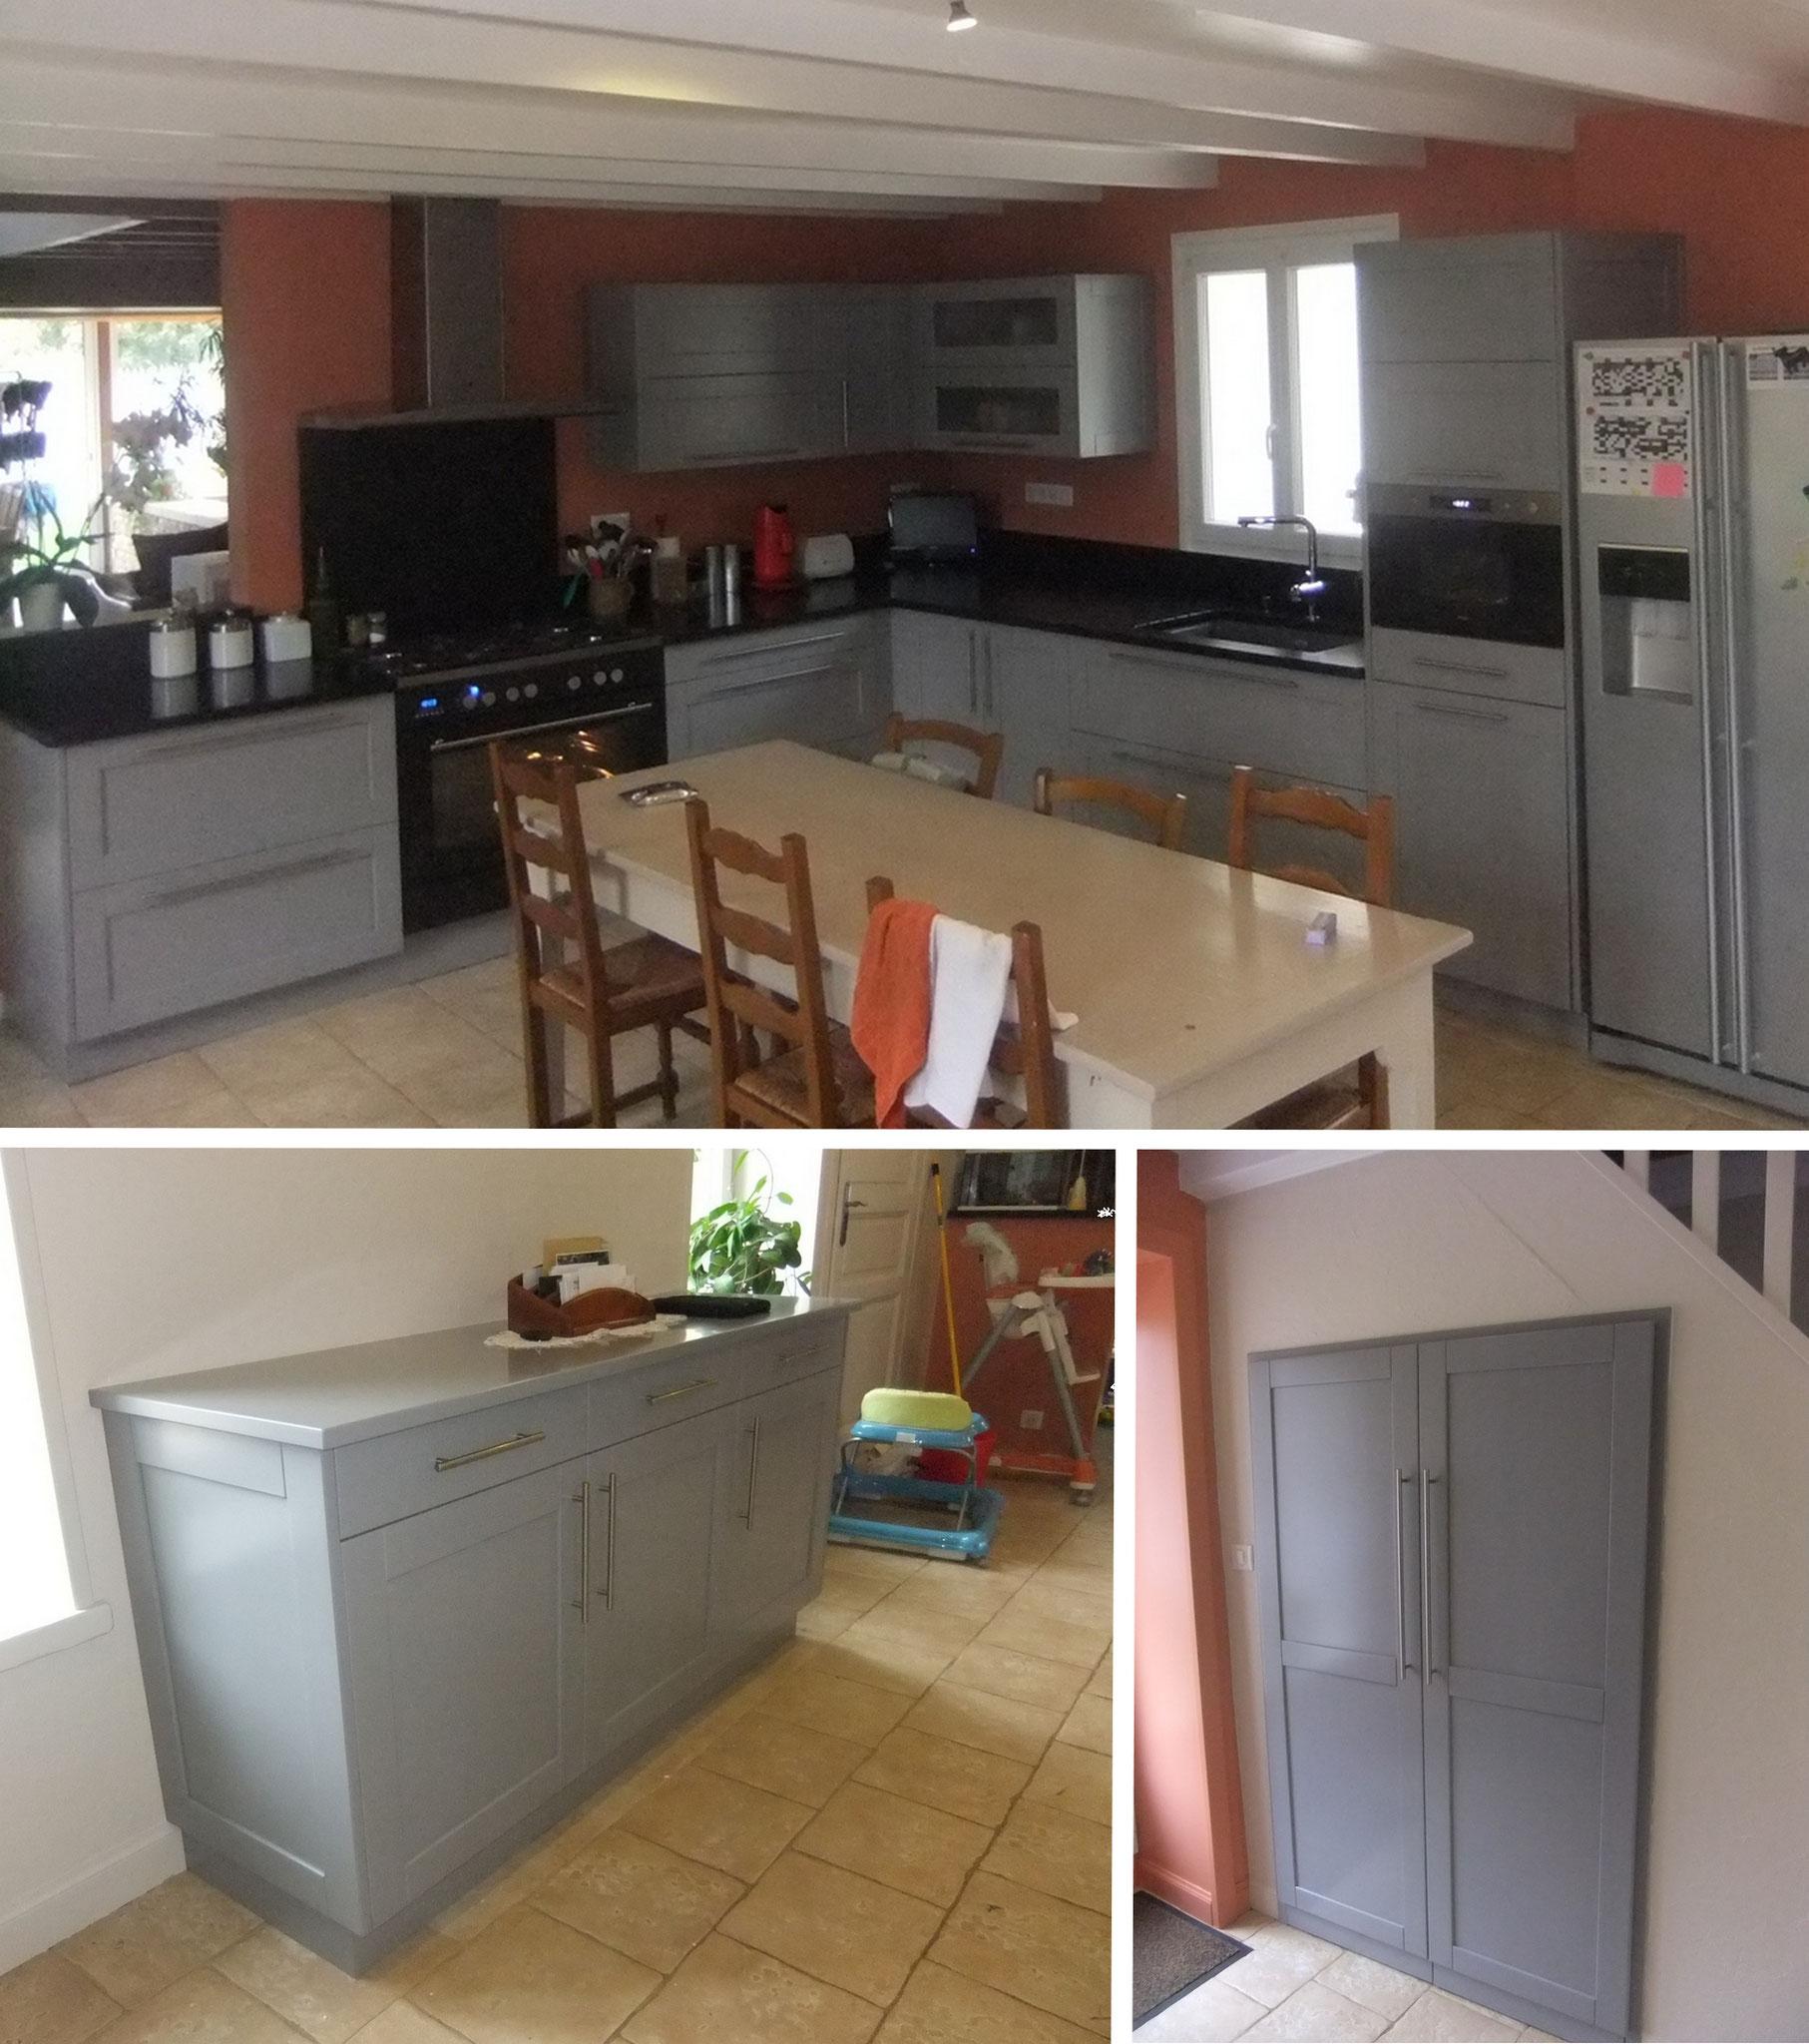 Mobilier et porte de placard assortie a la cuisine